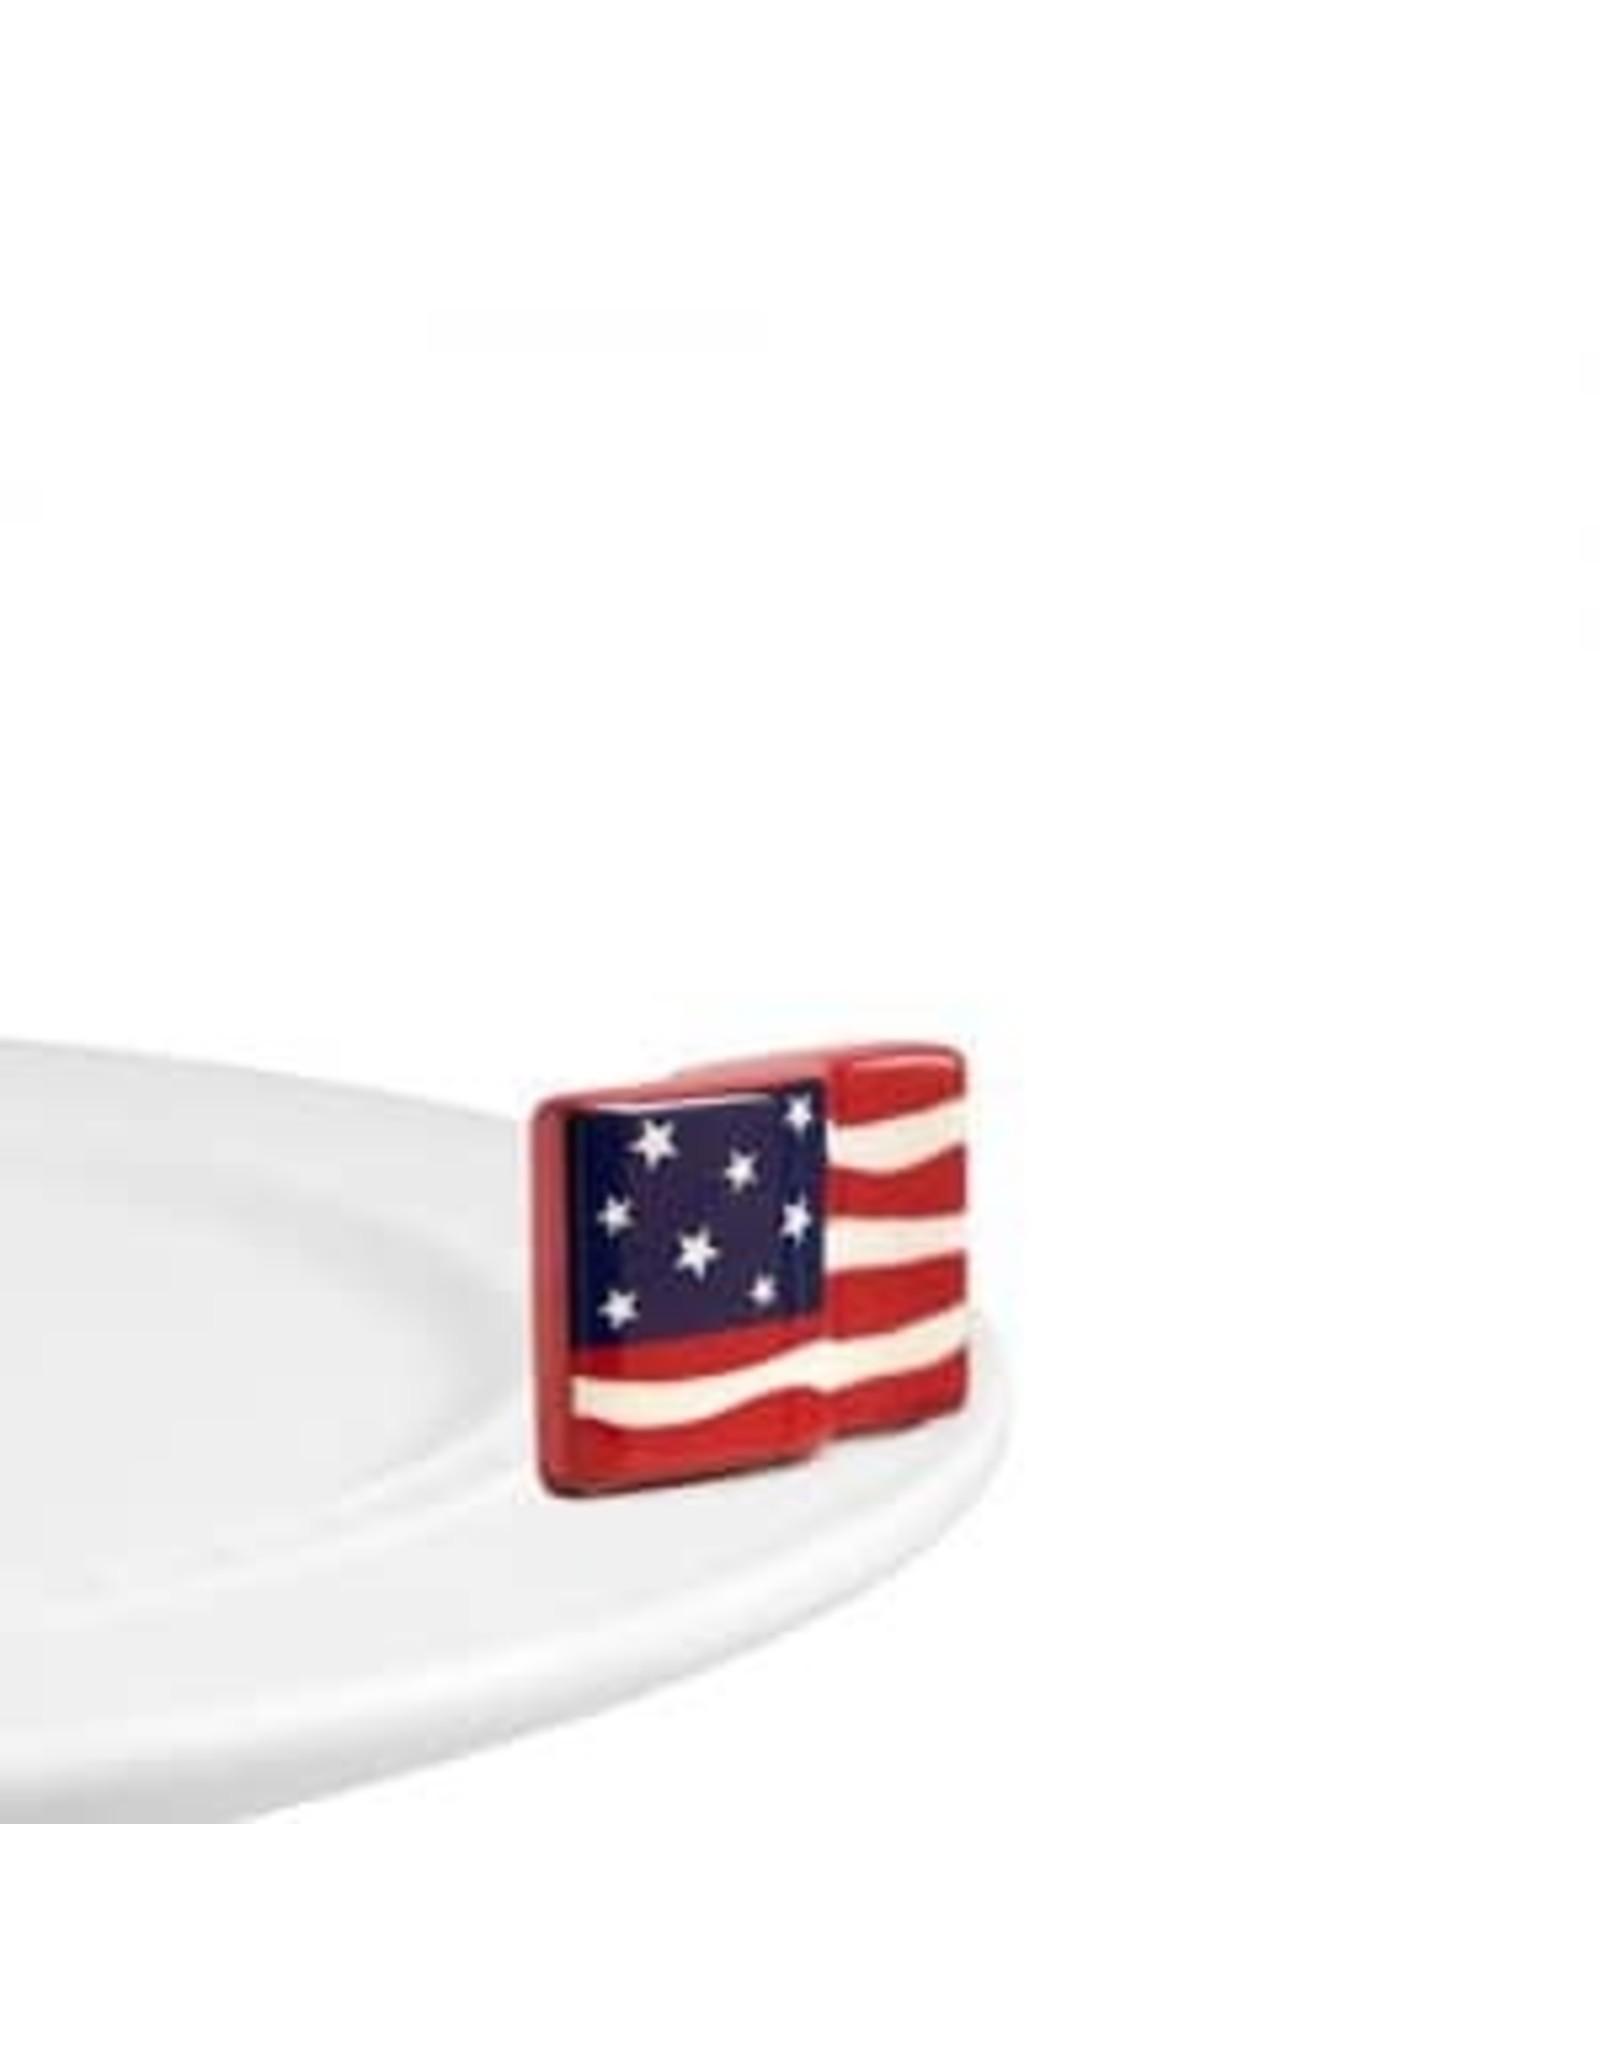 stars and stripes forever (Flag)